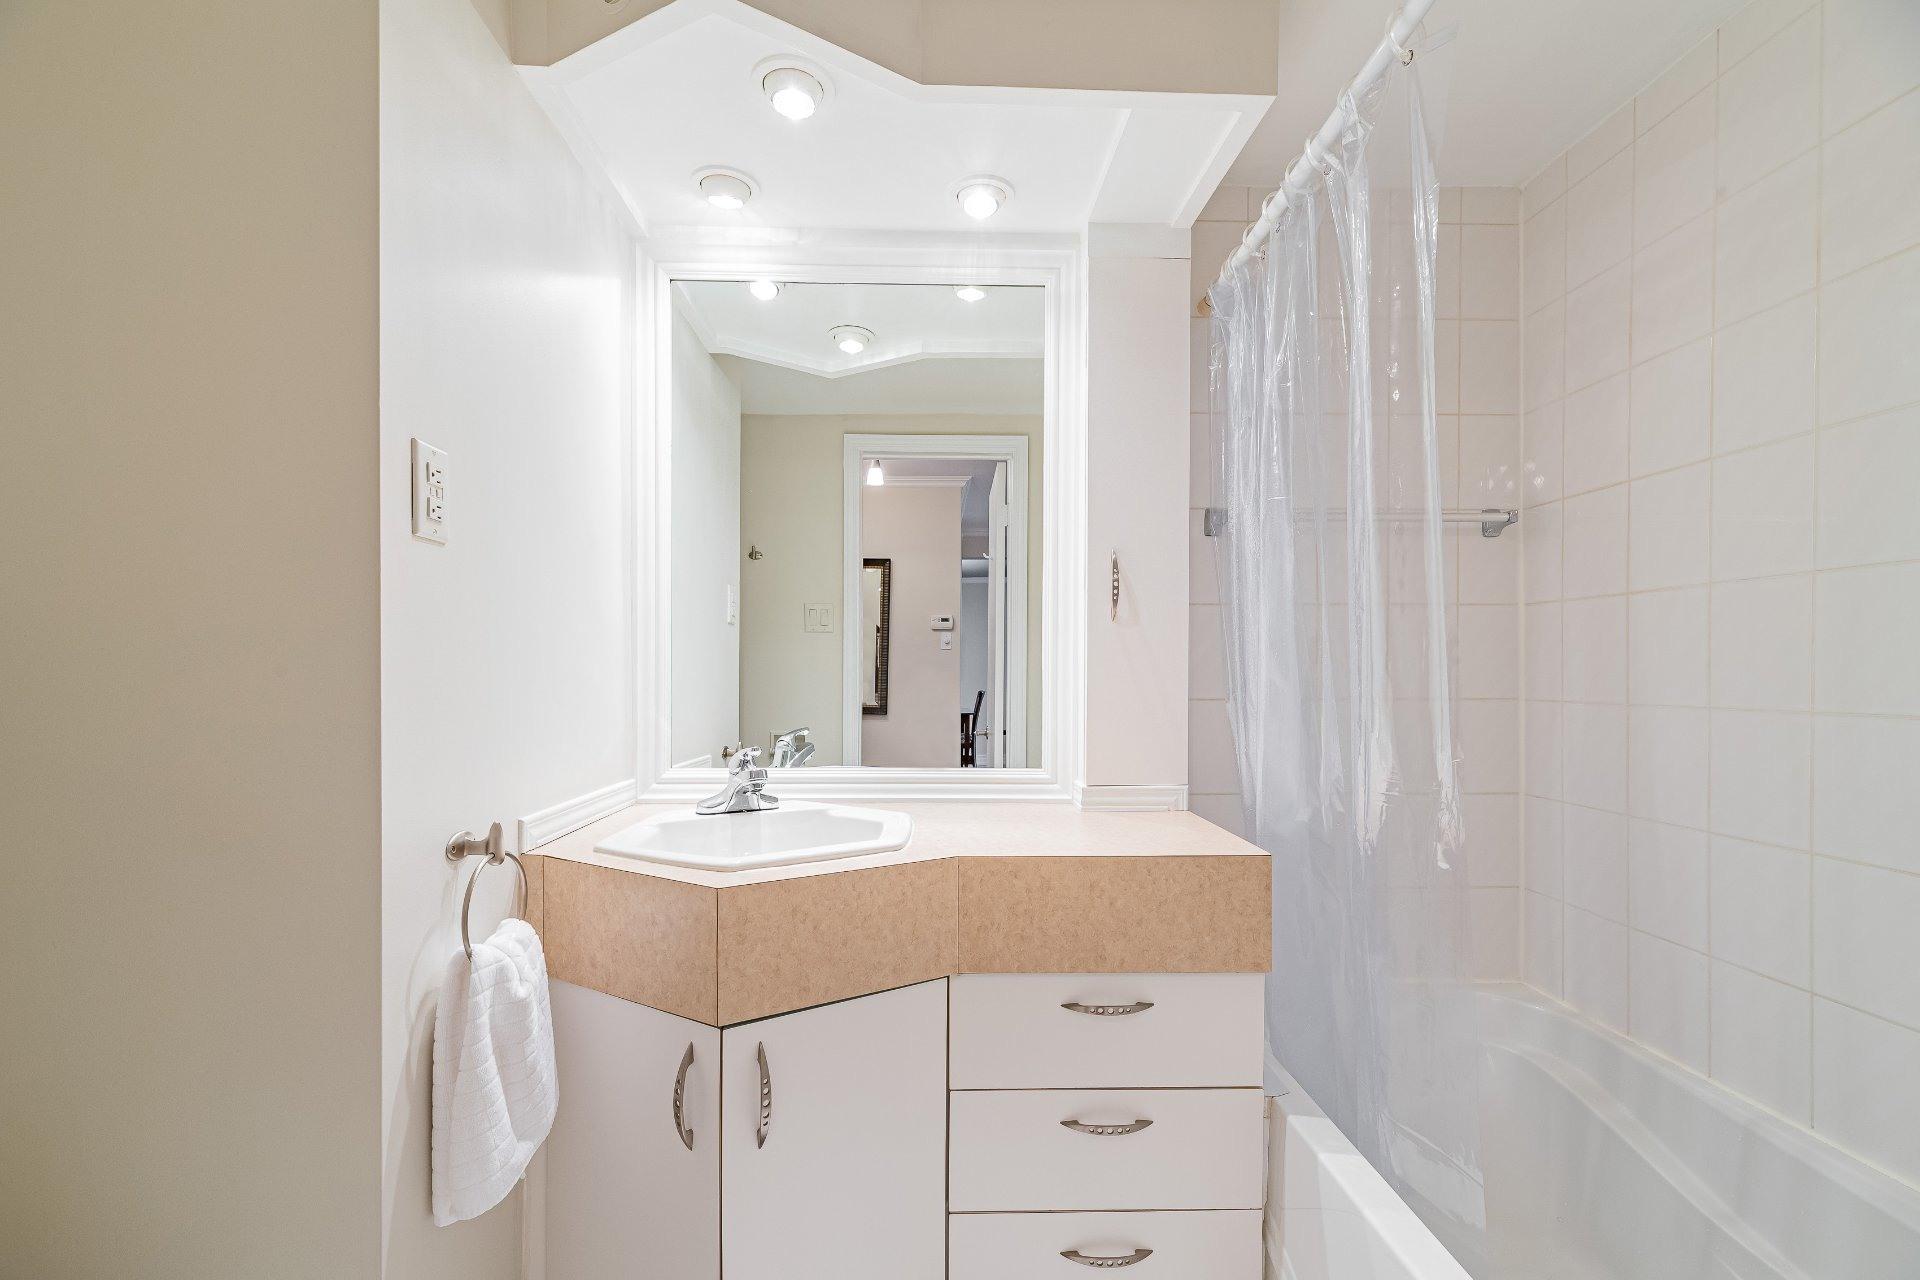 image 19 - Triplex For sale Mercier/Hochelaga-Maisonneuve Montréal  - 6 rooms